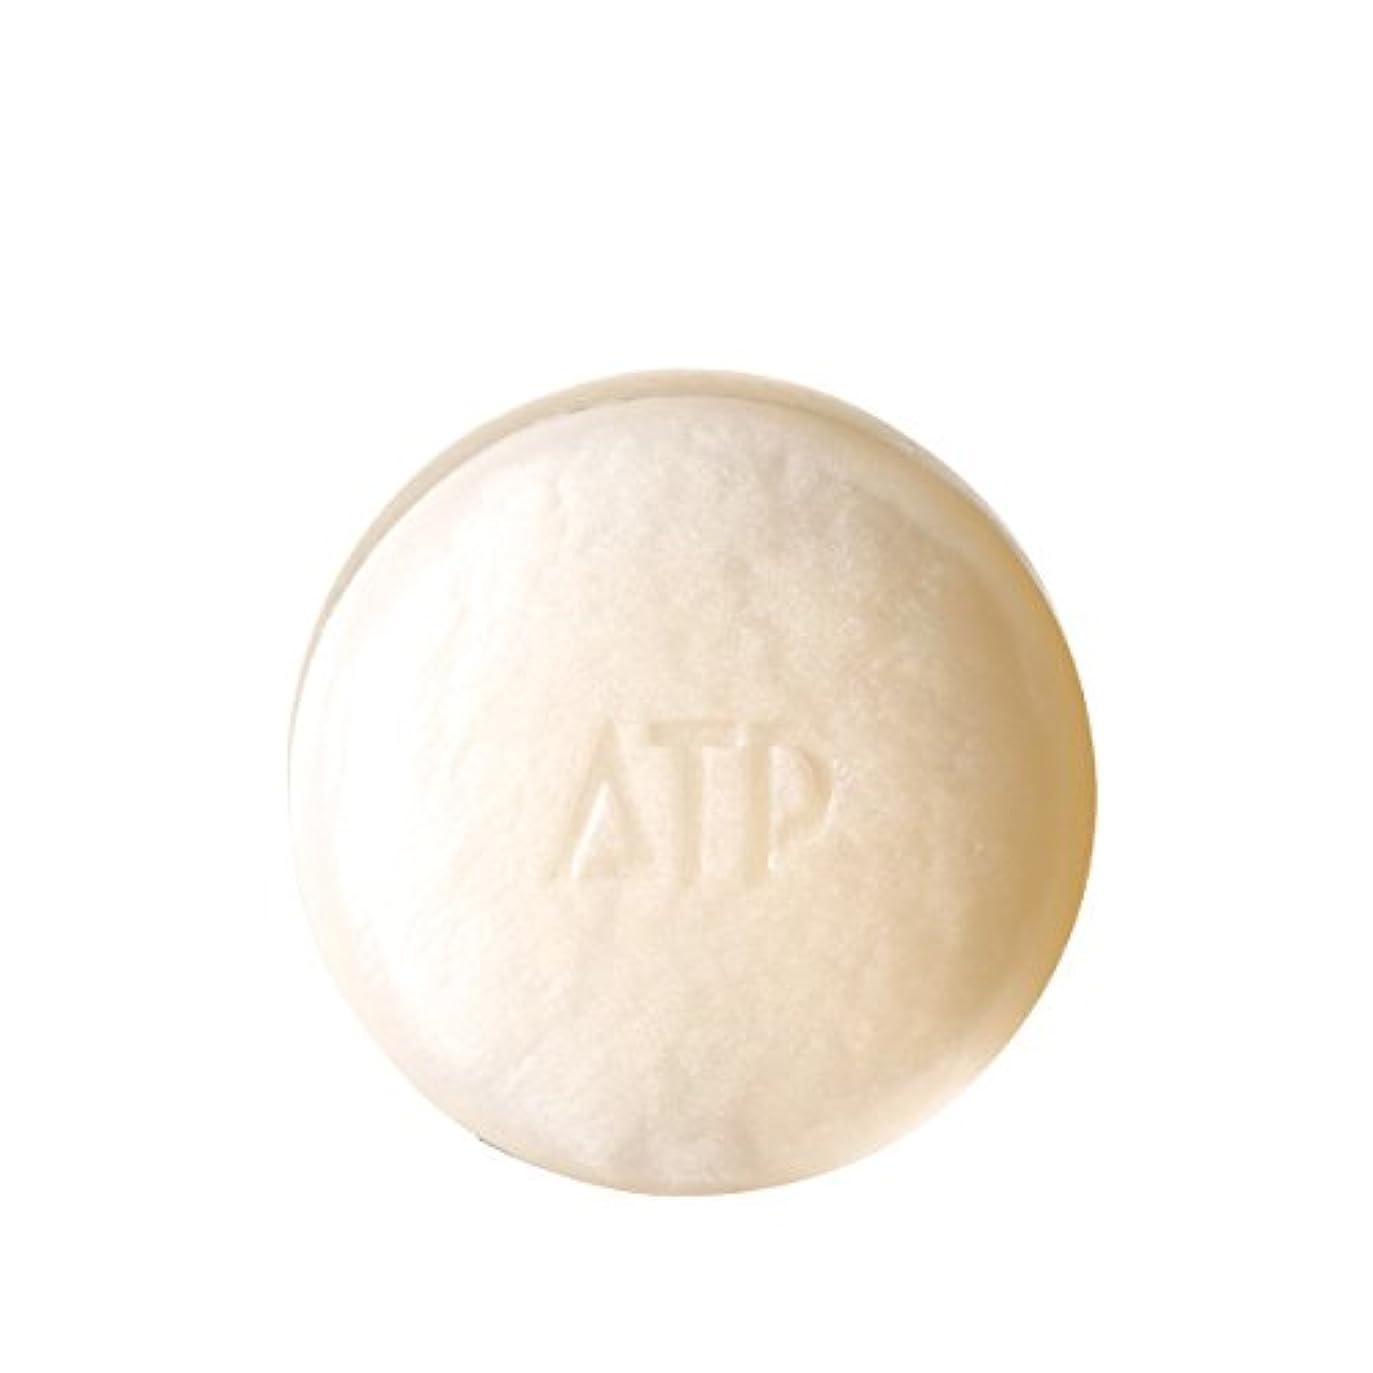 ばかげている伴う失うラシンシア ATP デリケアソープ 100g 【全身用洗浄石けん】